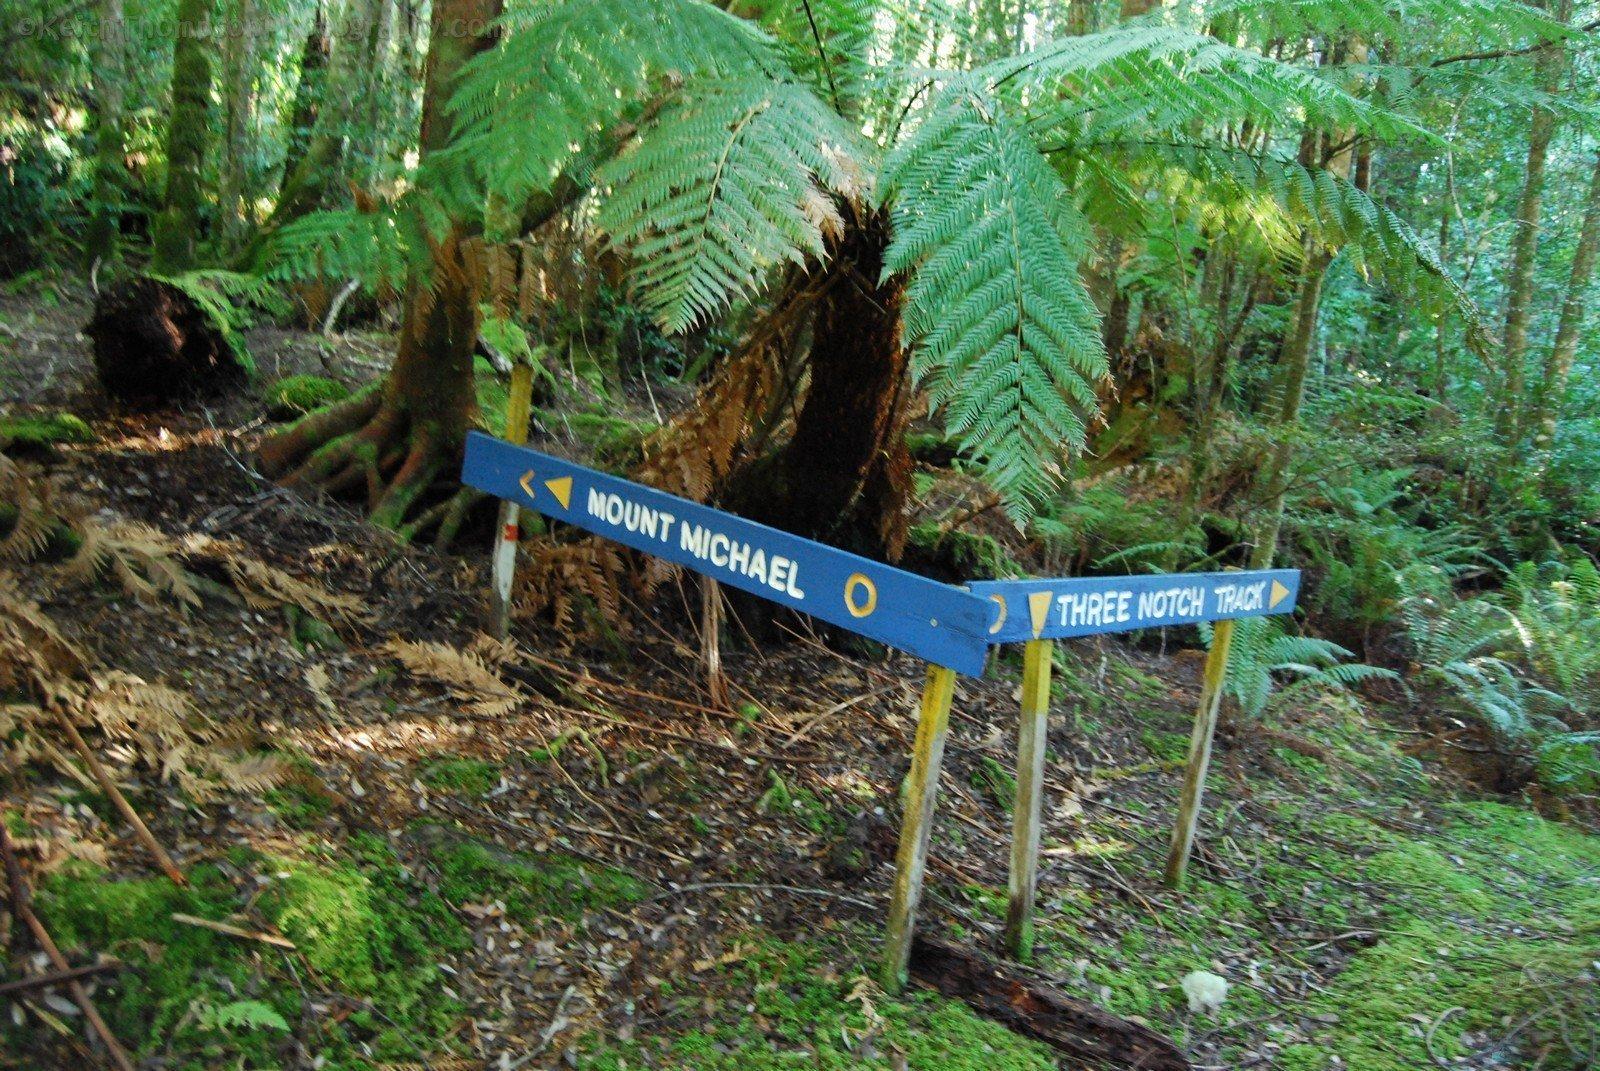 Mount Michael Blue Tier.030 11h17m39s2019 06 23